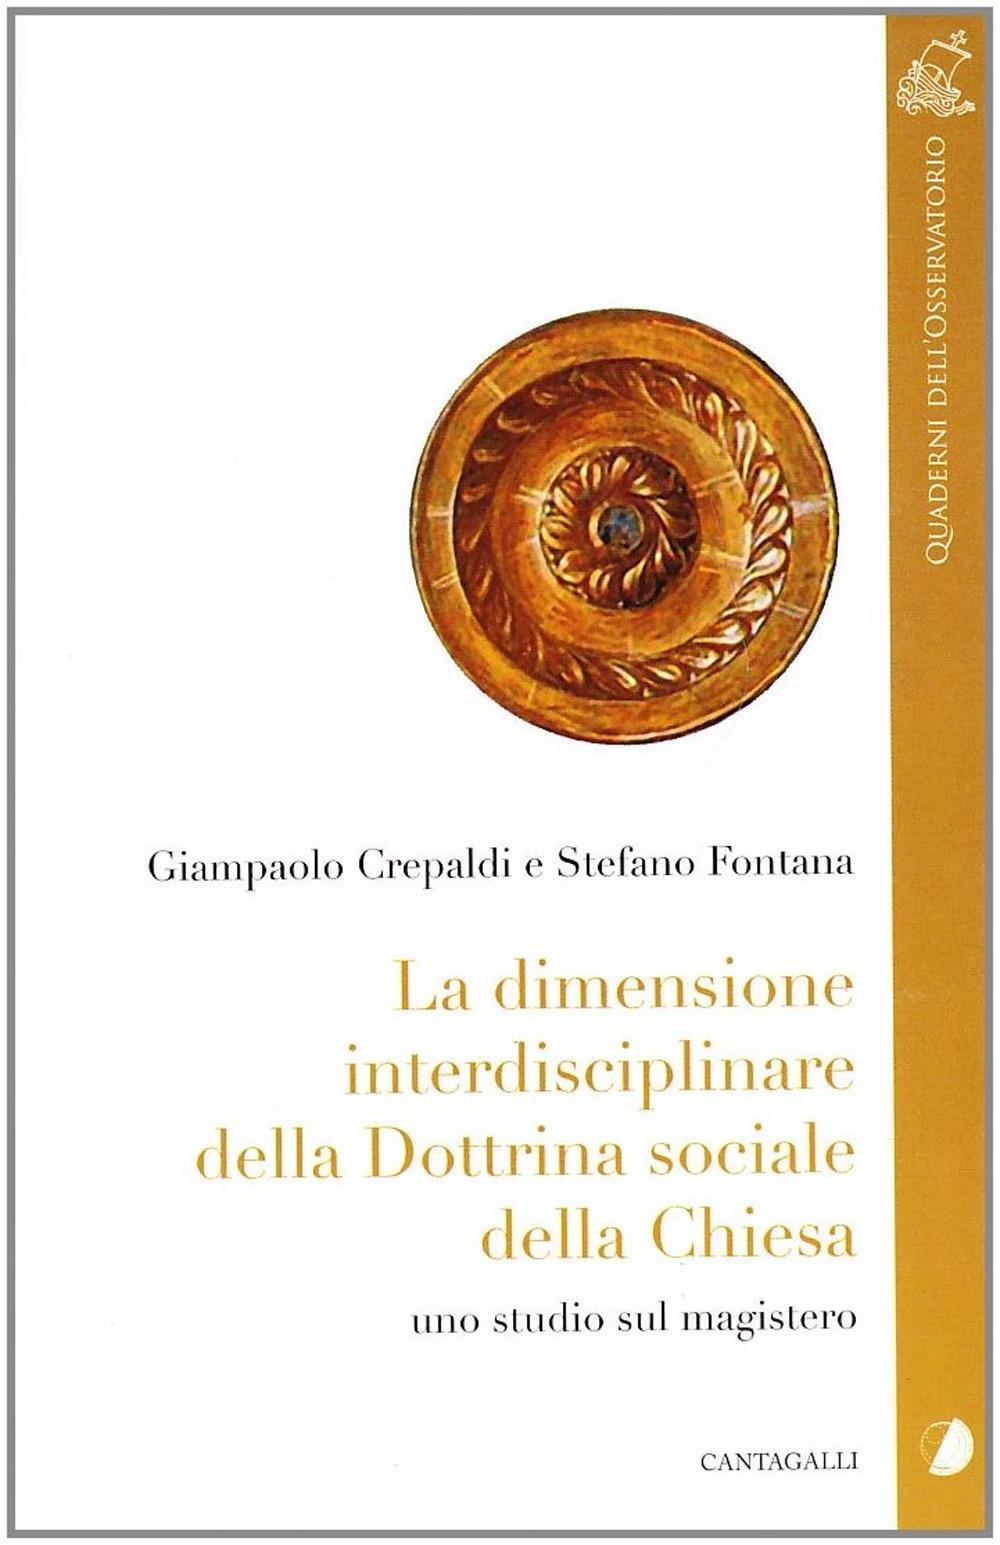 La Dimensione Interdisciplinare della Dottrina Sociale della Chiesa. Uno Studio sul Magistero.